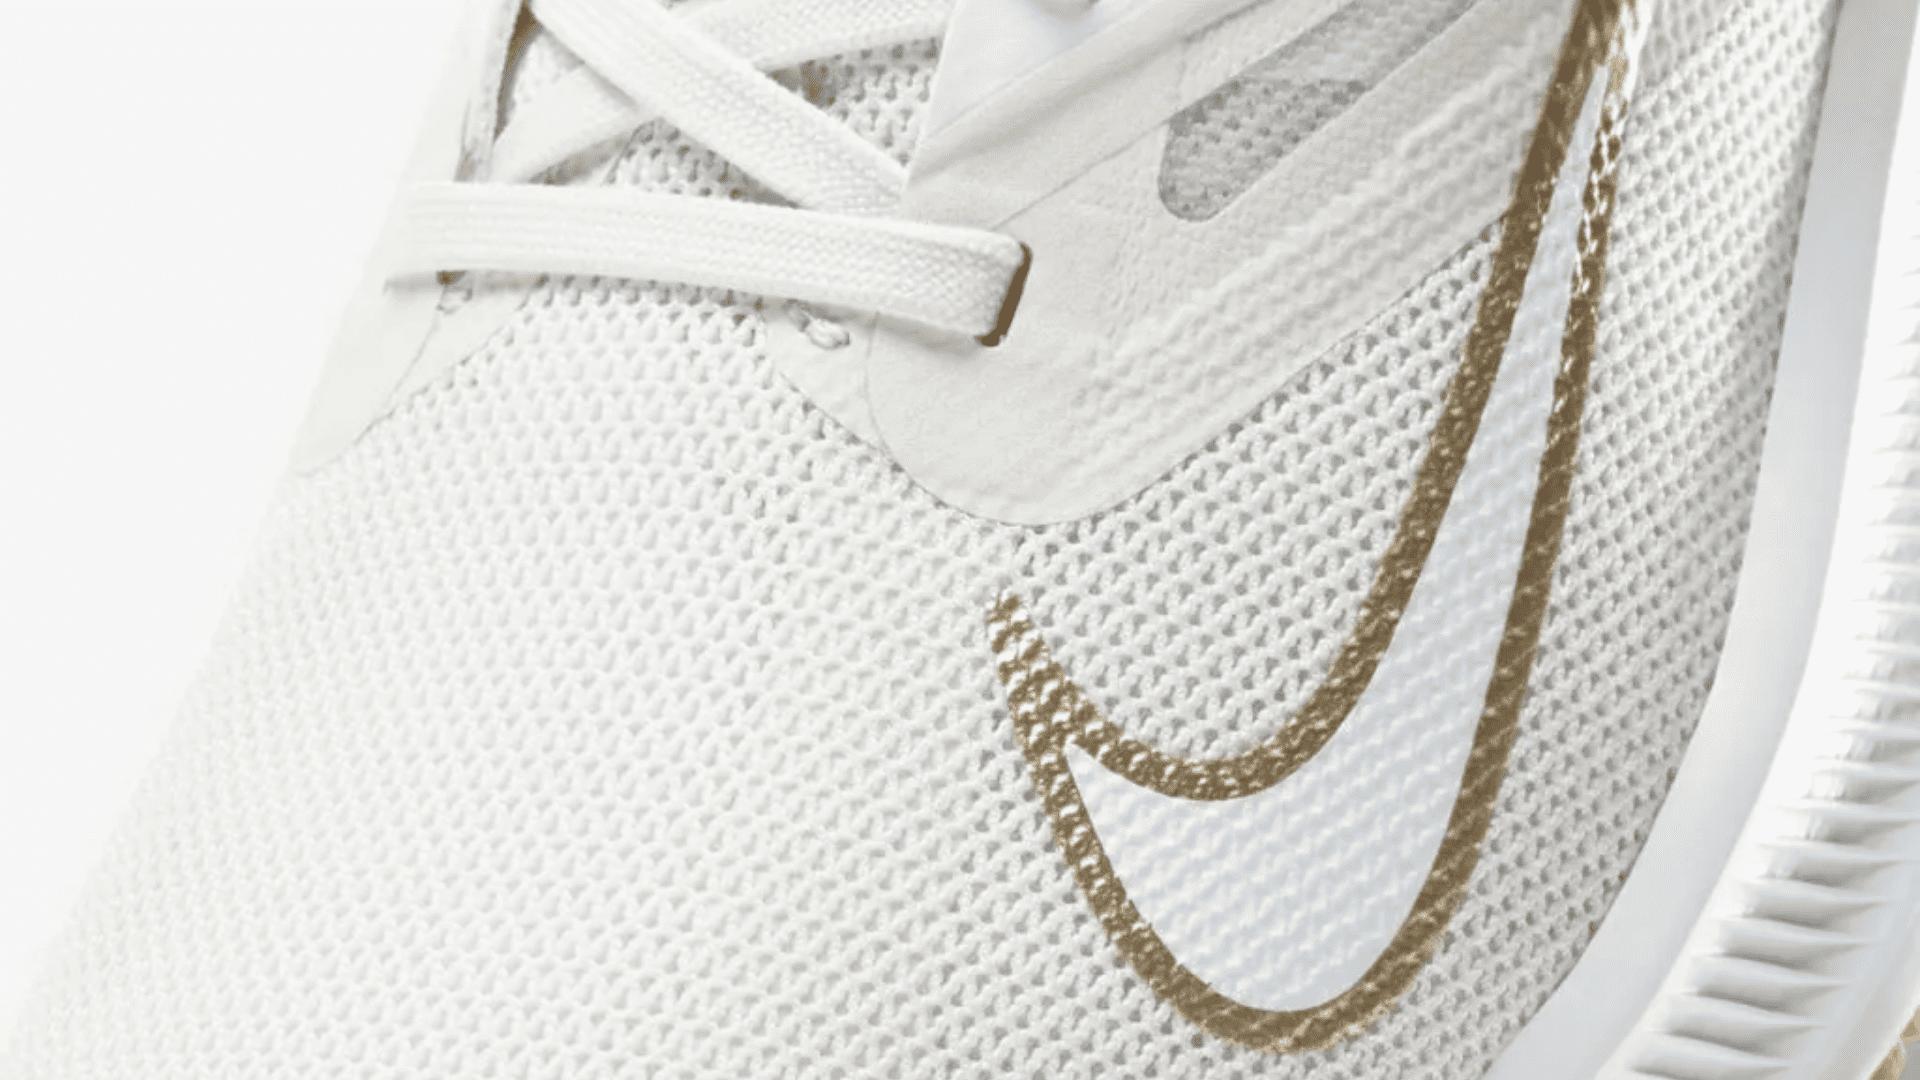 Nike Quest 3 é confeccionado em Mesh, material sintético e borracha (Imagem: Divulgação/Nike)